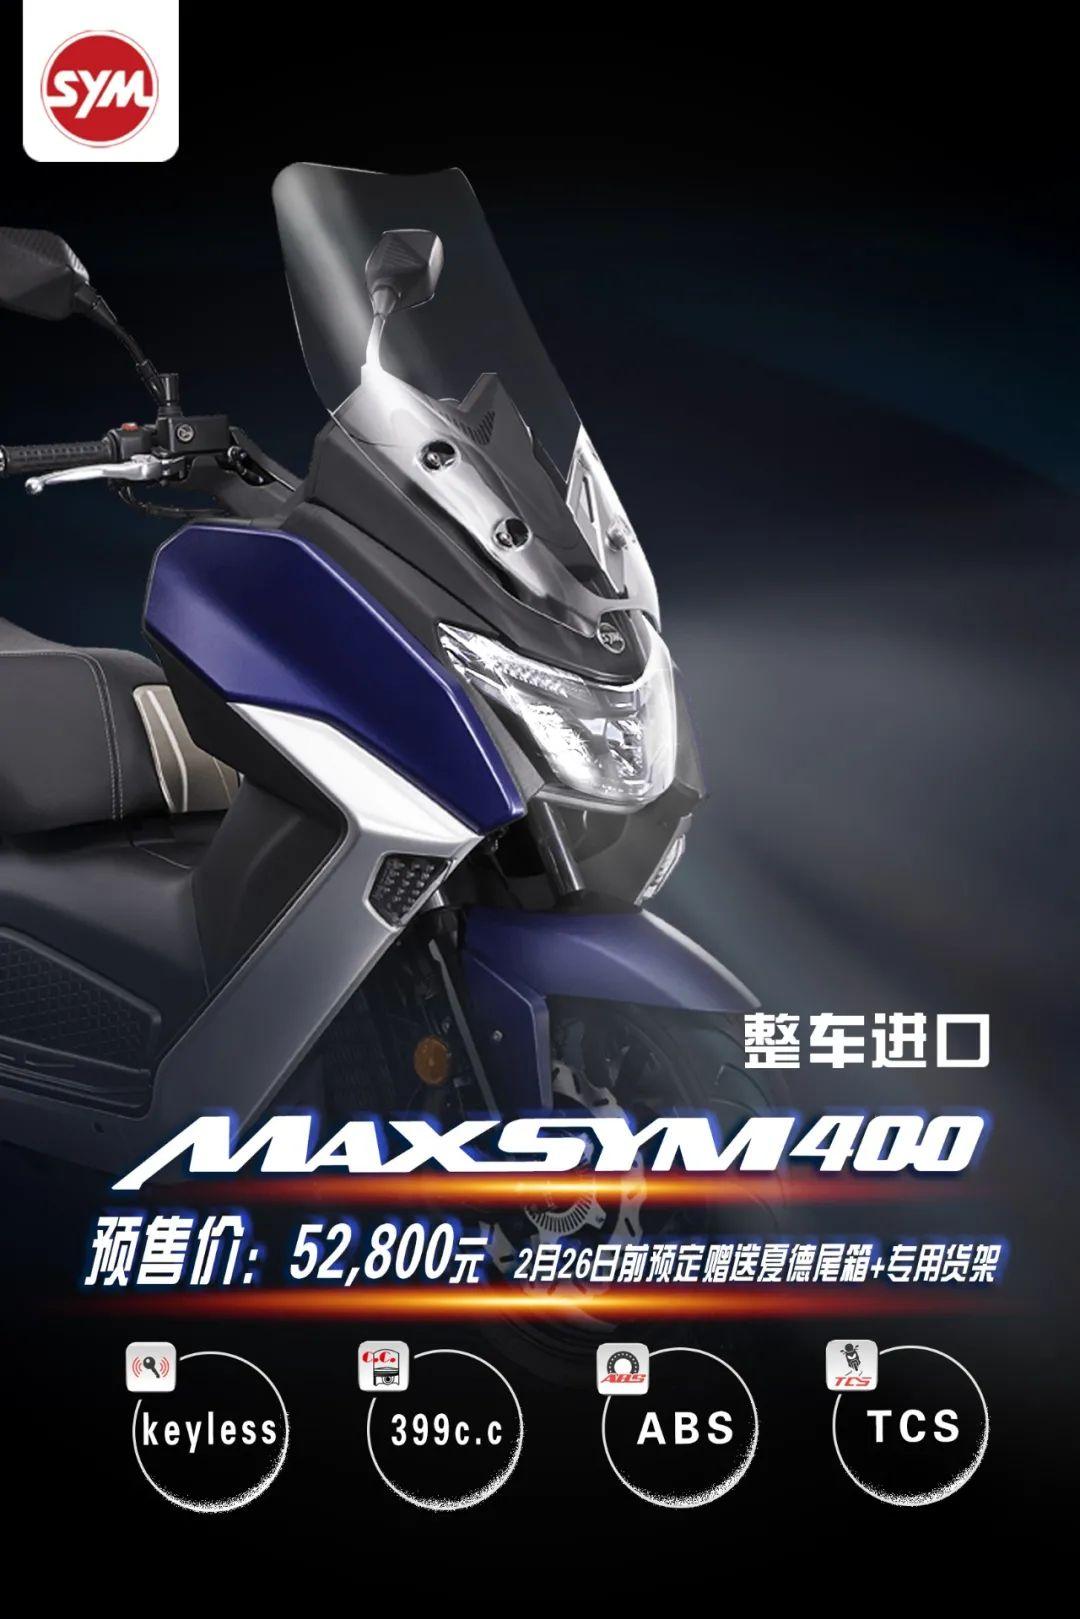 SYM三阳机车全球首发Maxsym 400 TCS,开始预售-第2张图片-春风行摩托车之家